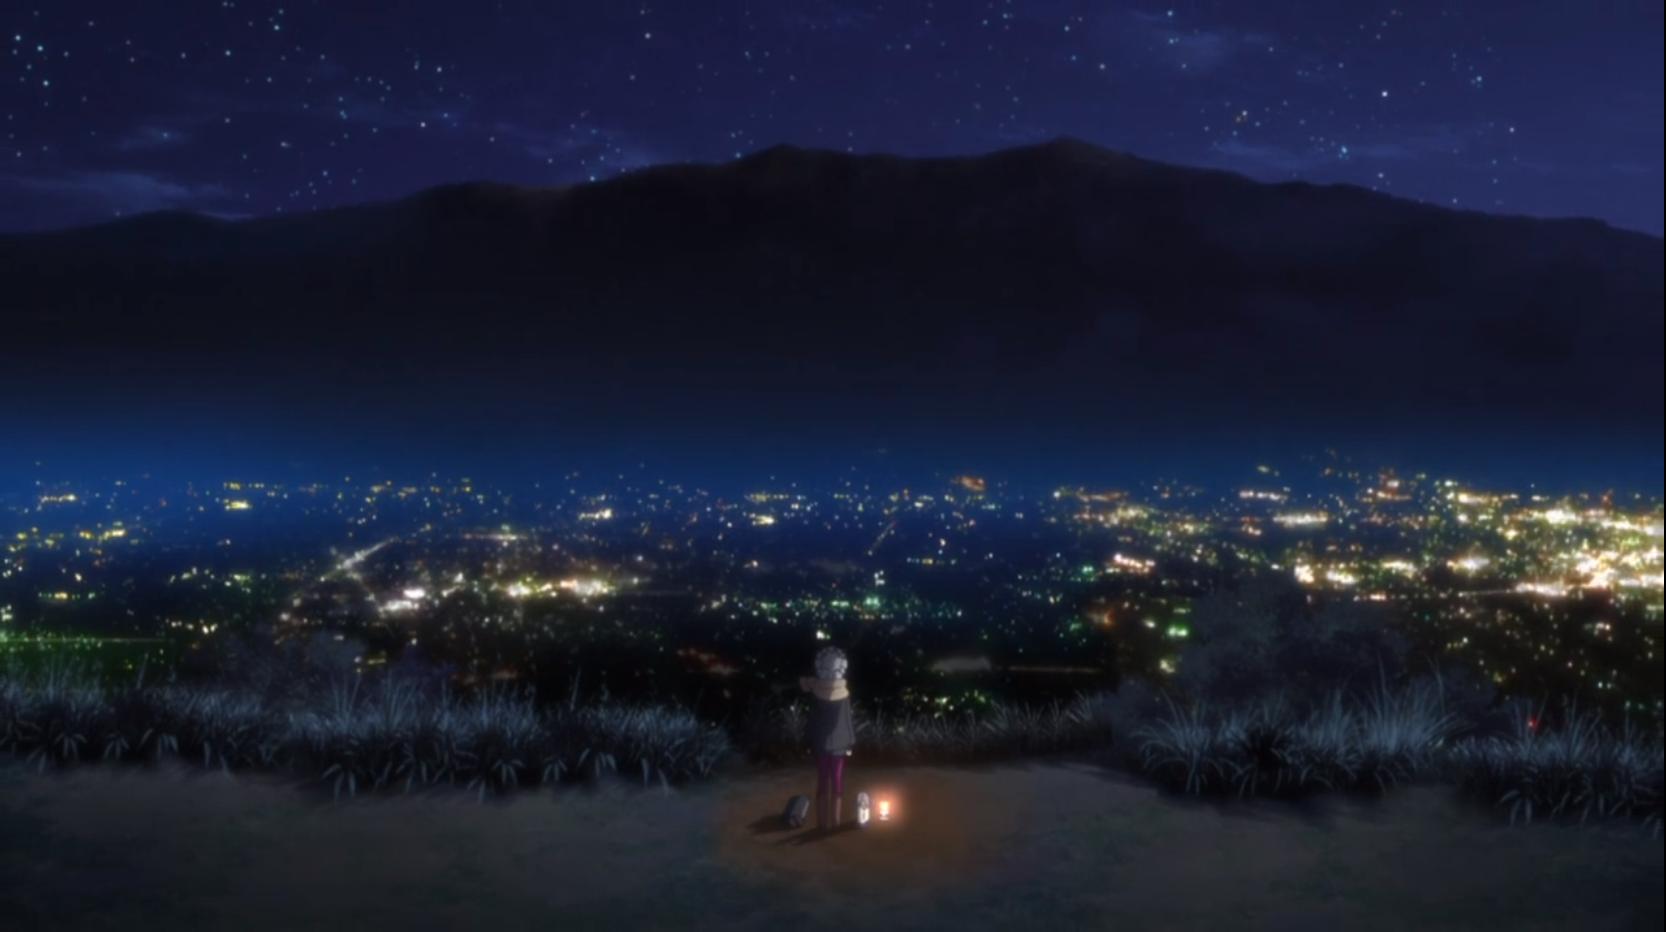 アニメ『ゆるキャン△』10話の陣馬形山キャンプ場の上からの景色